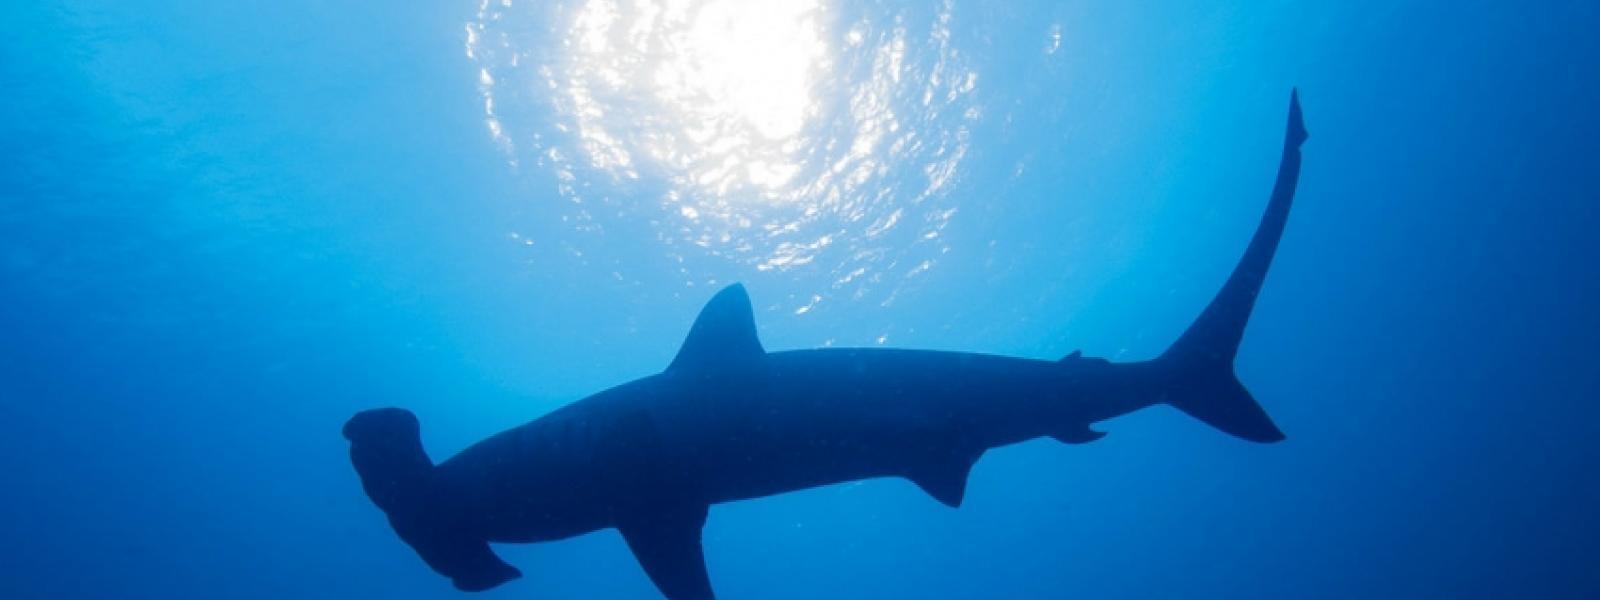 Tiburón martillo.